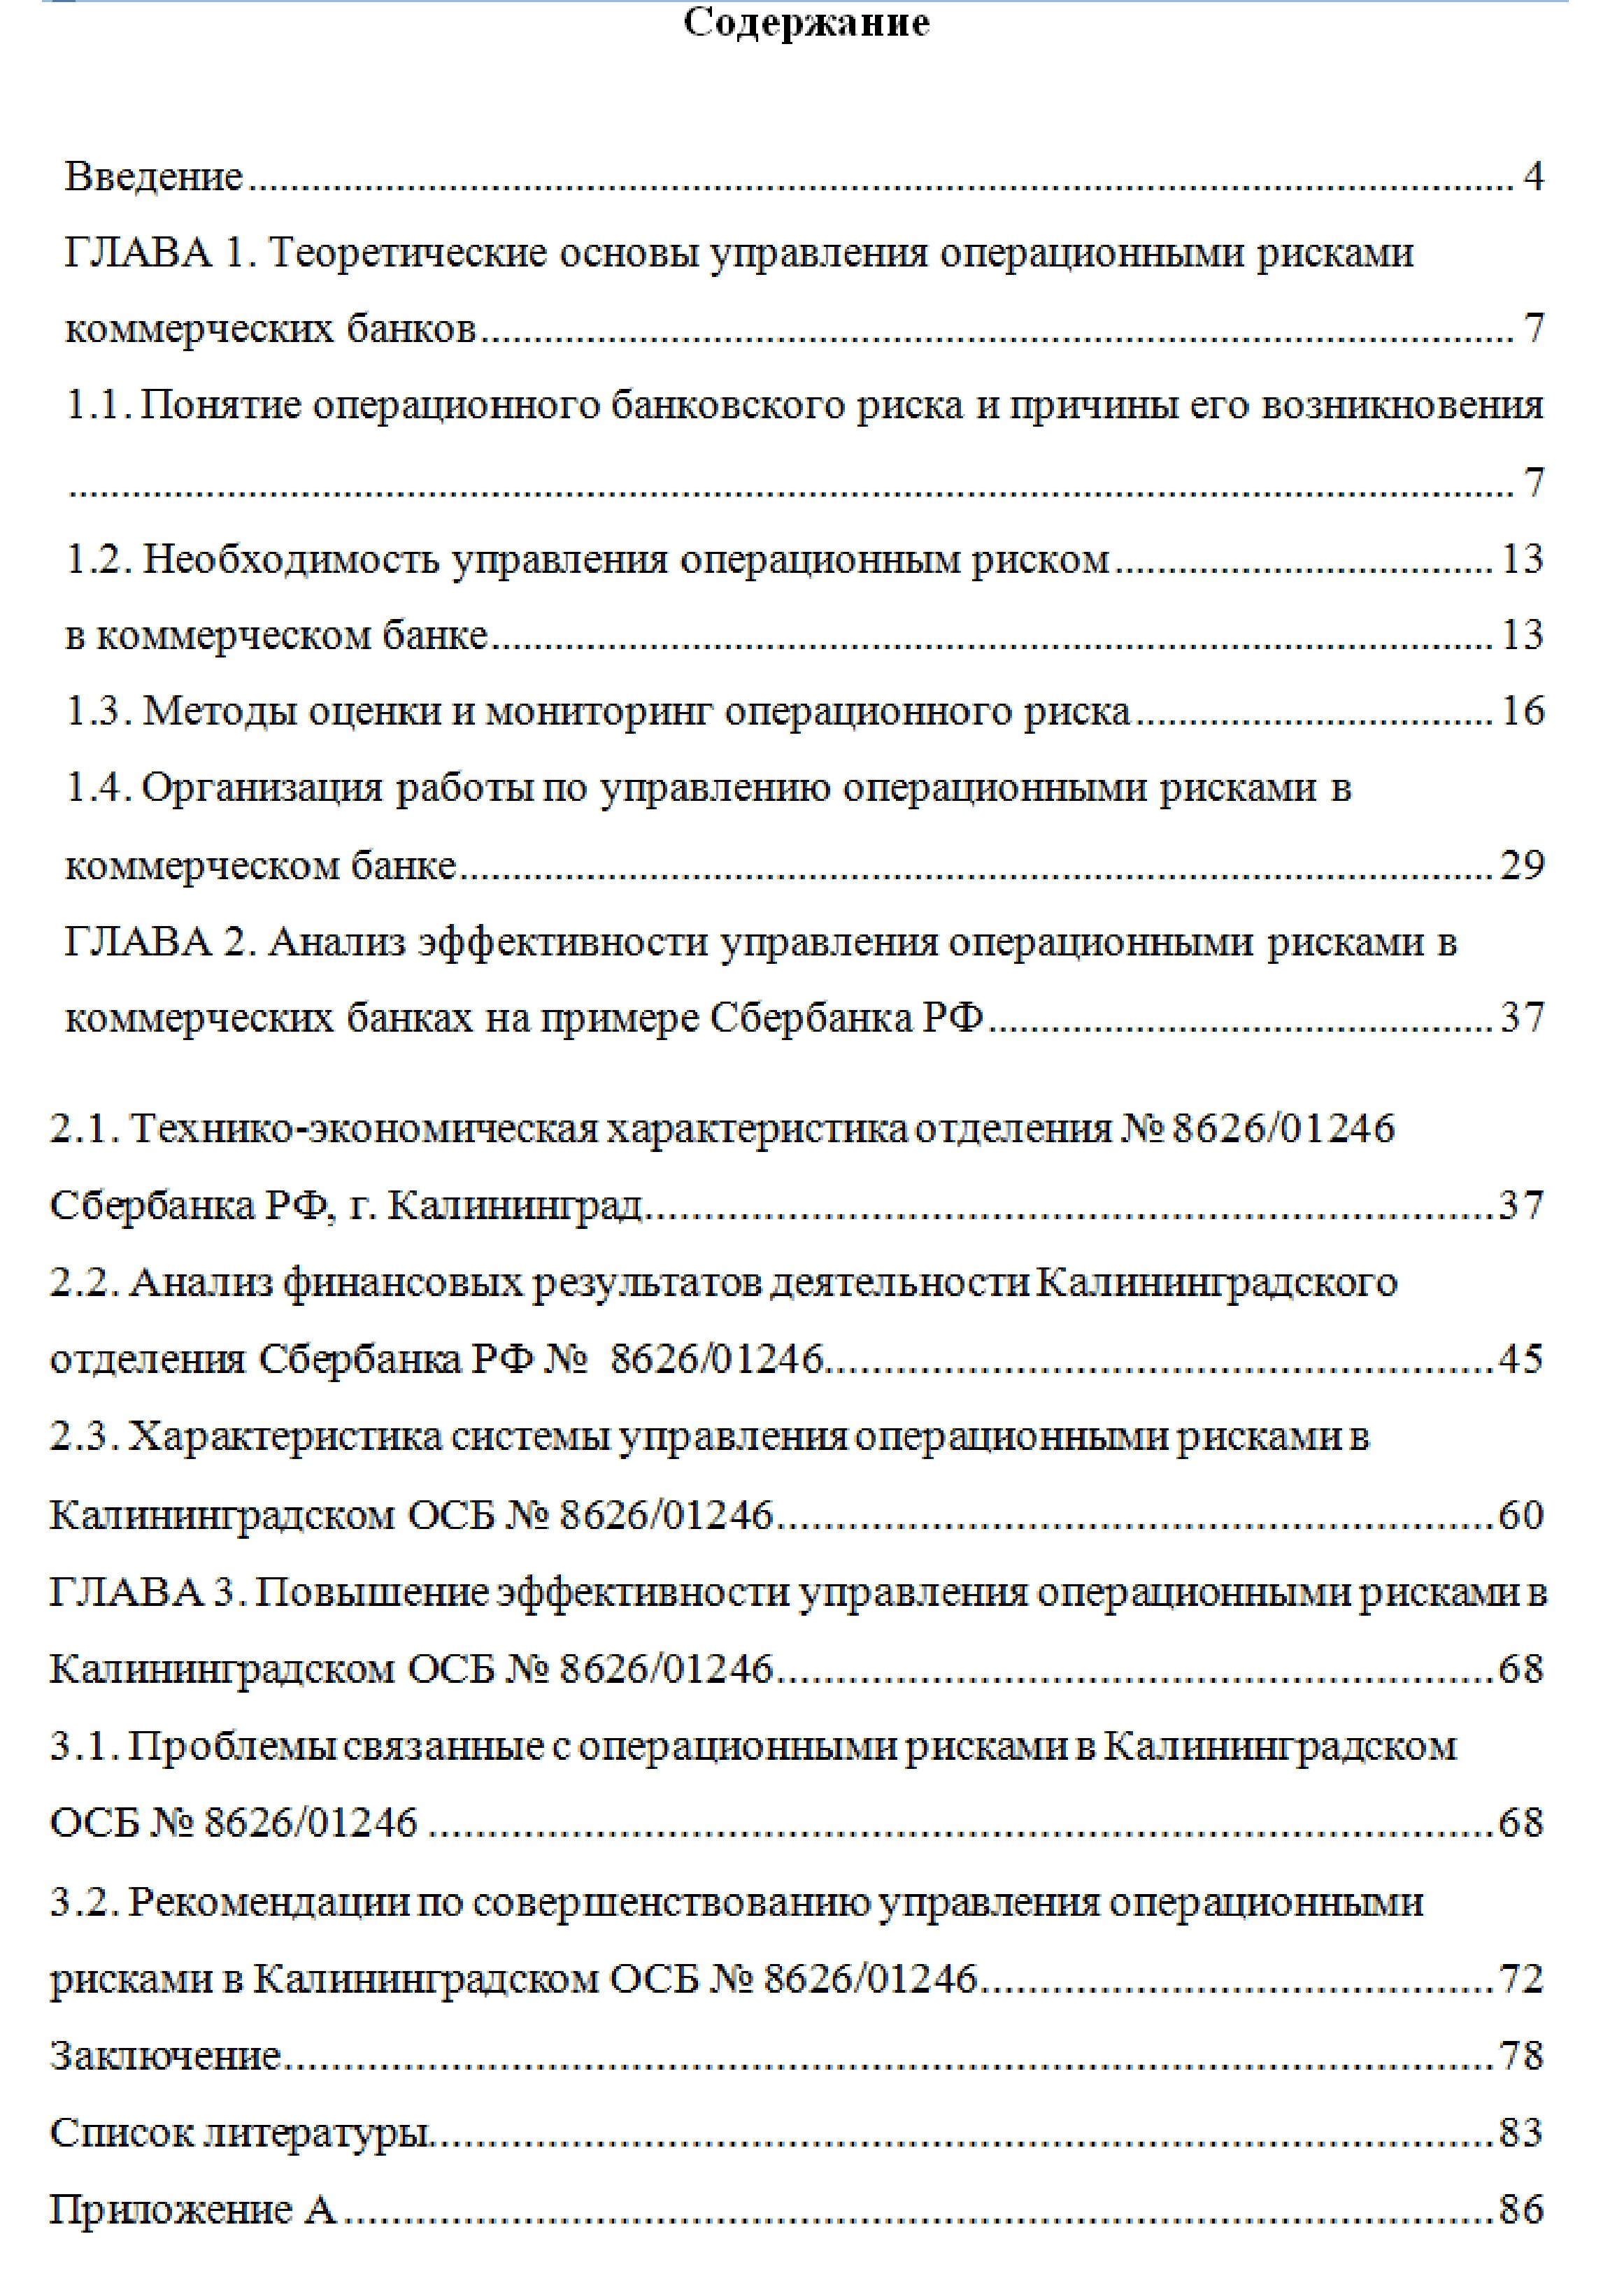 Отчет по практике сбербанк отдел кадров 5920